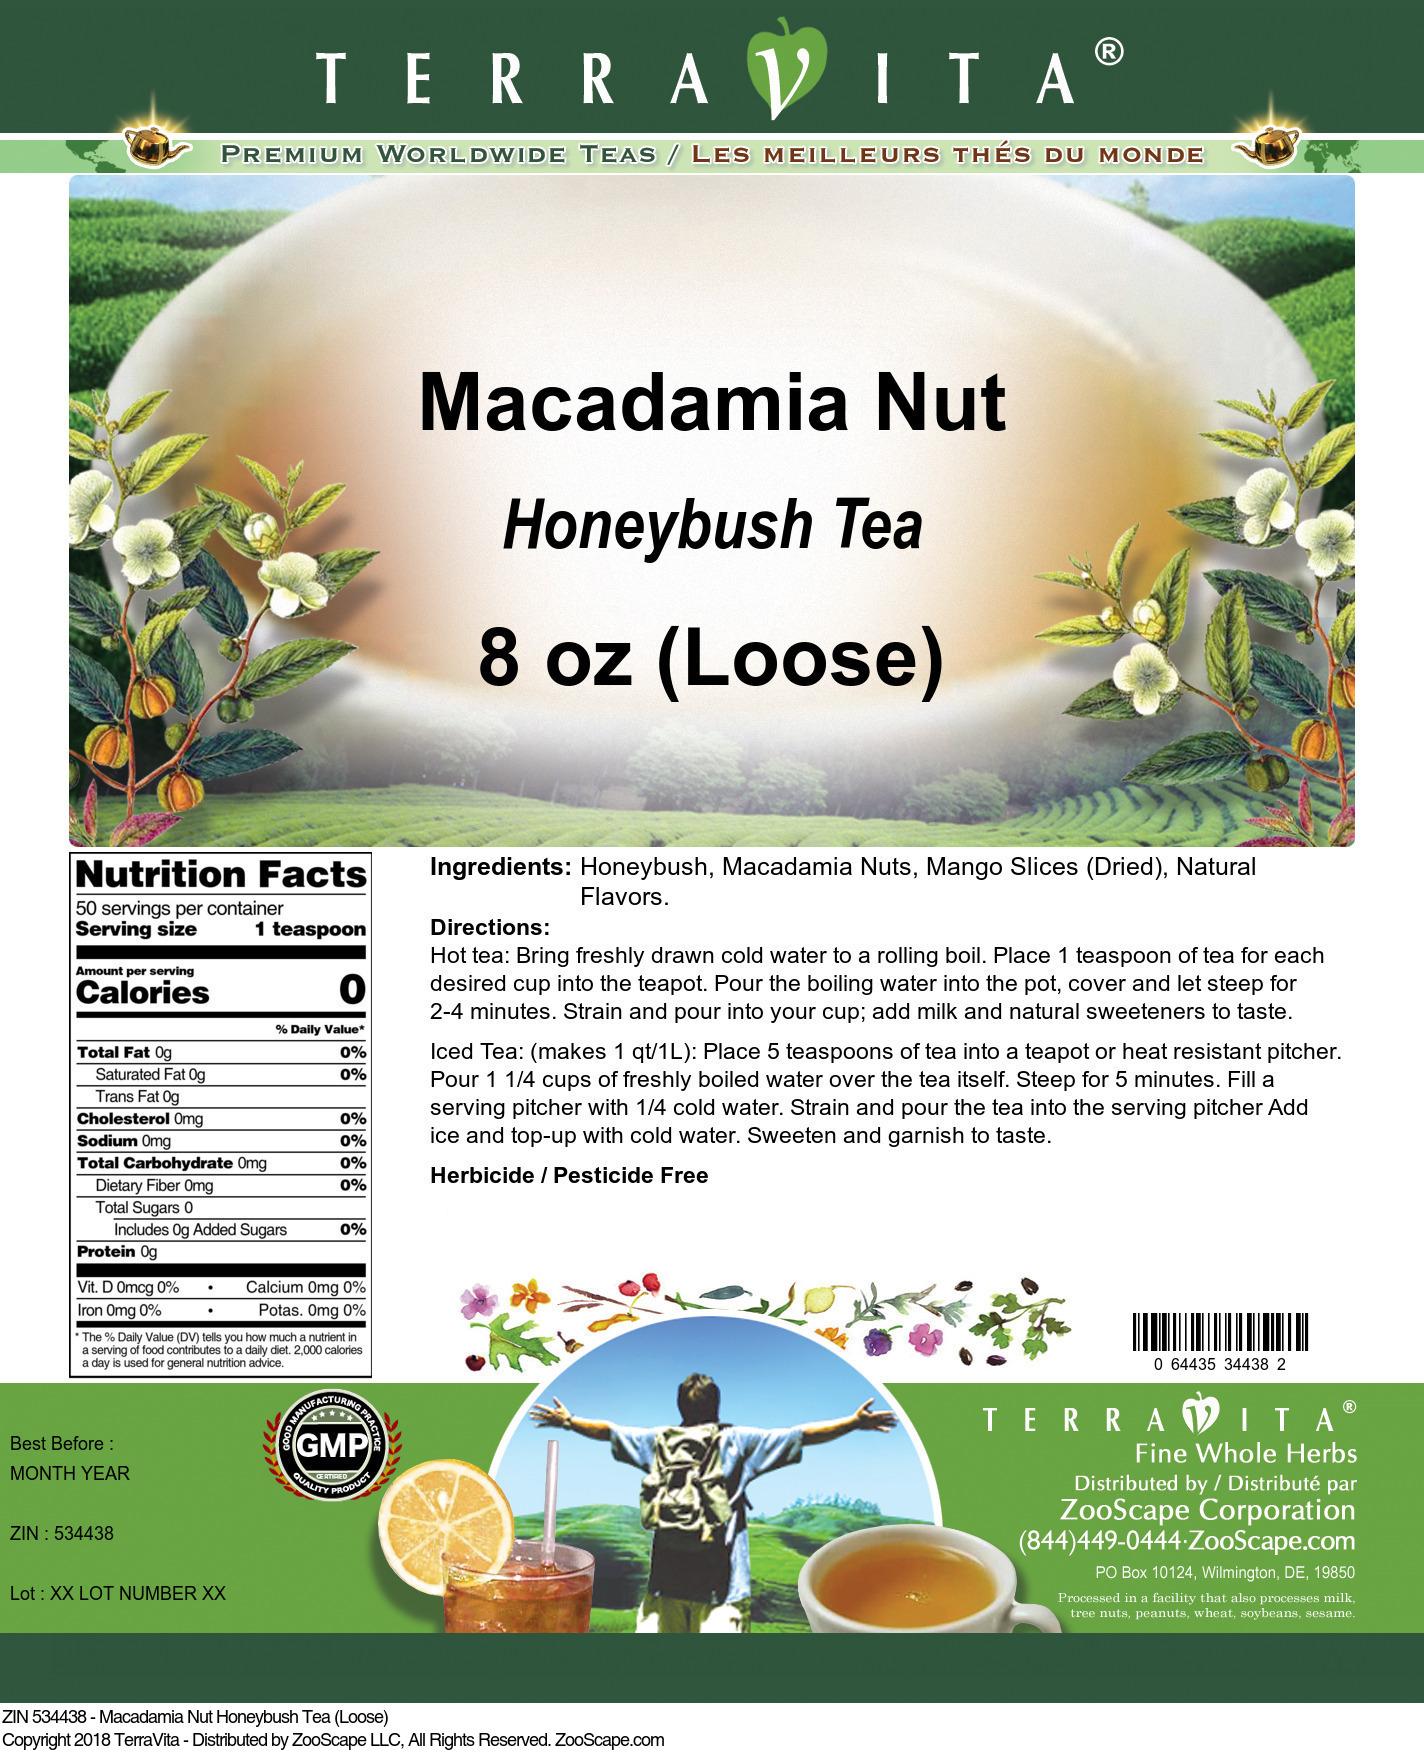 Macadamia Nut Honeybush Tea (Loose)